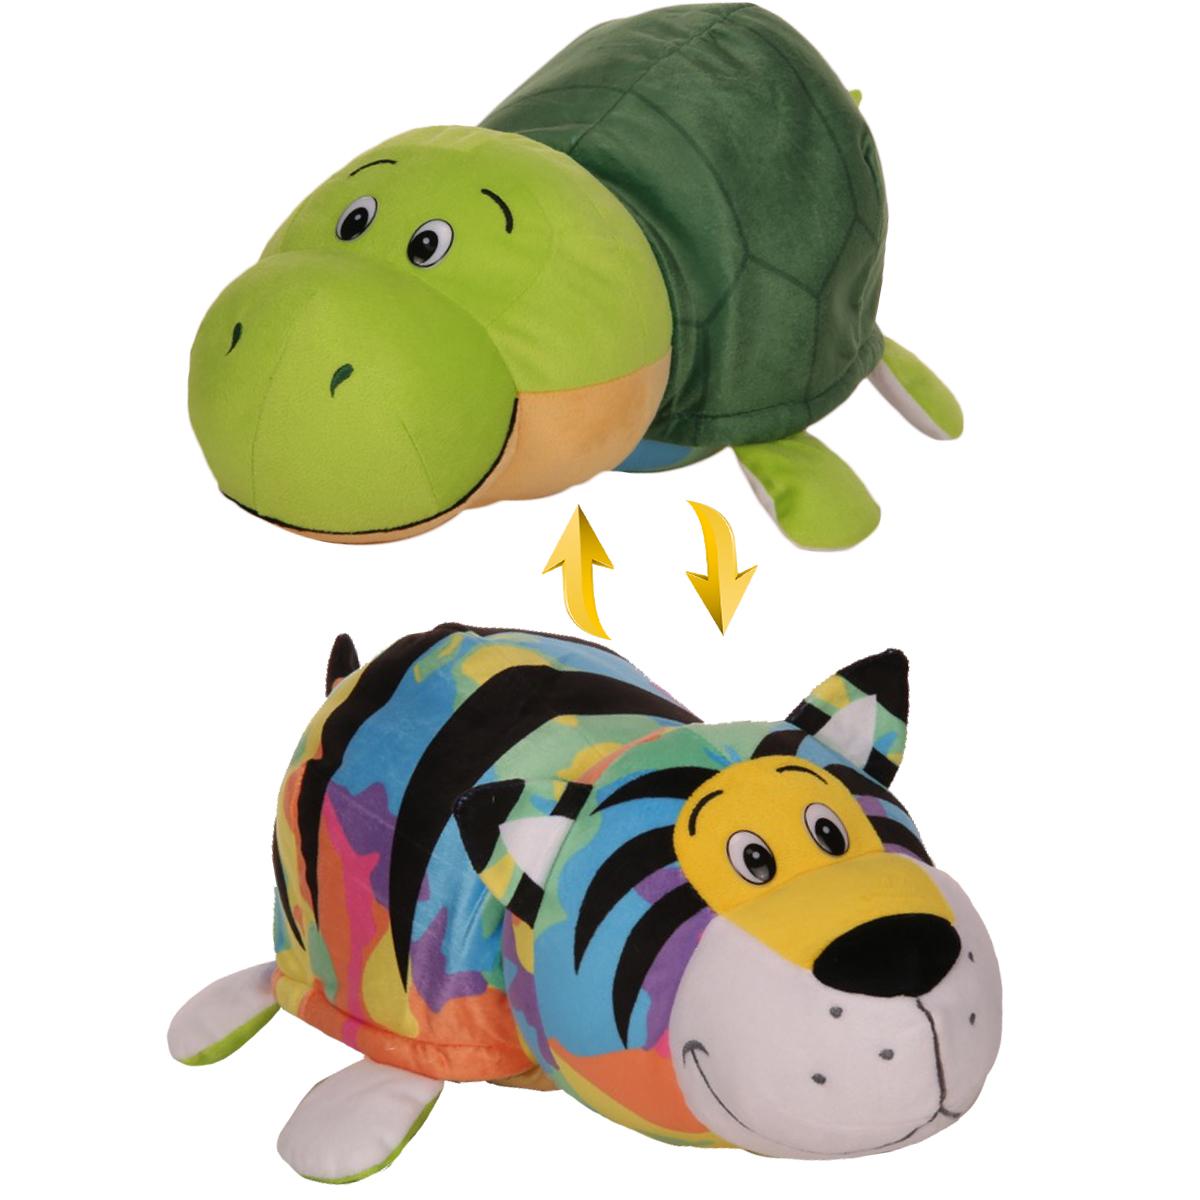 Мягкая игрушка 1toy Вывернушка Тигр-Черепаха мягкие игрушки 1toy вывернушка тигр черепаха